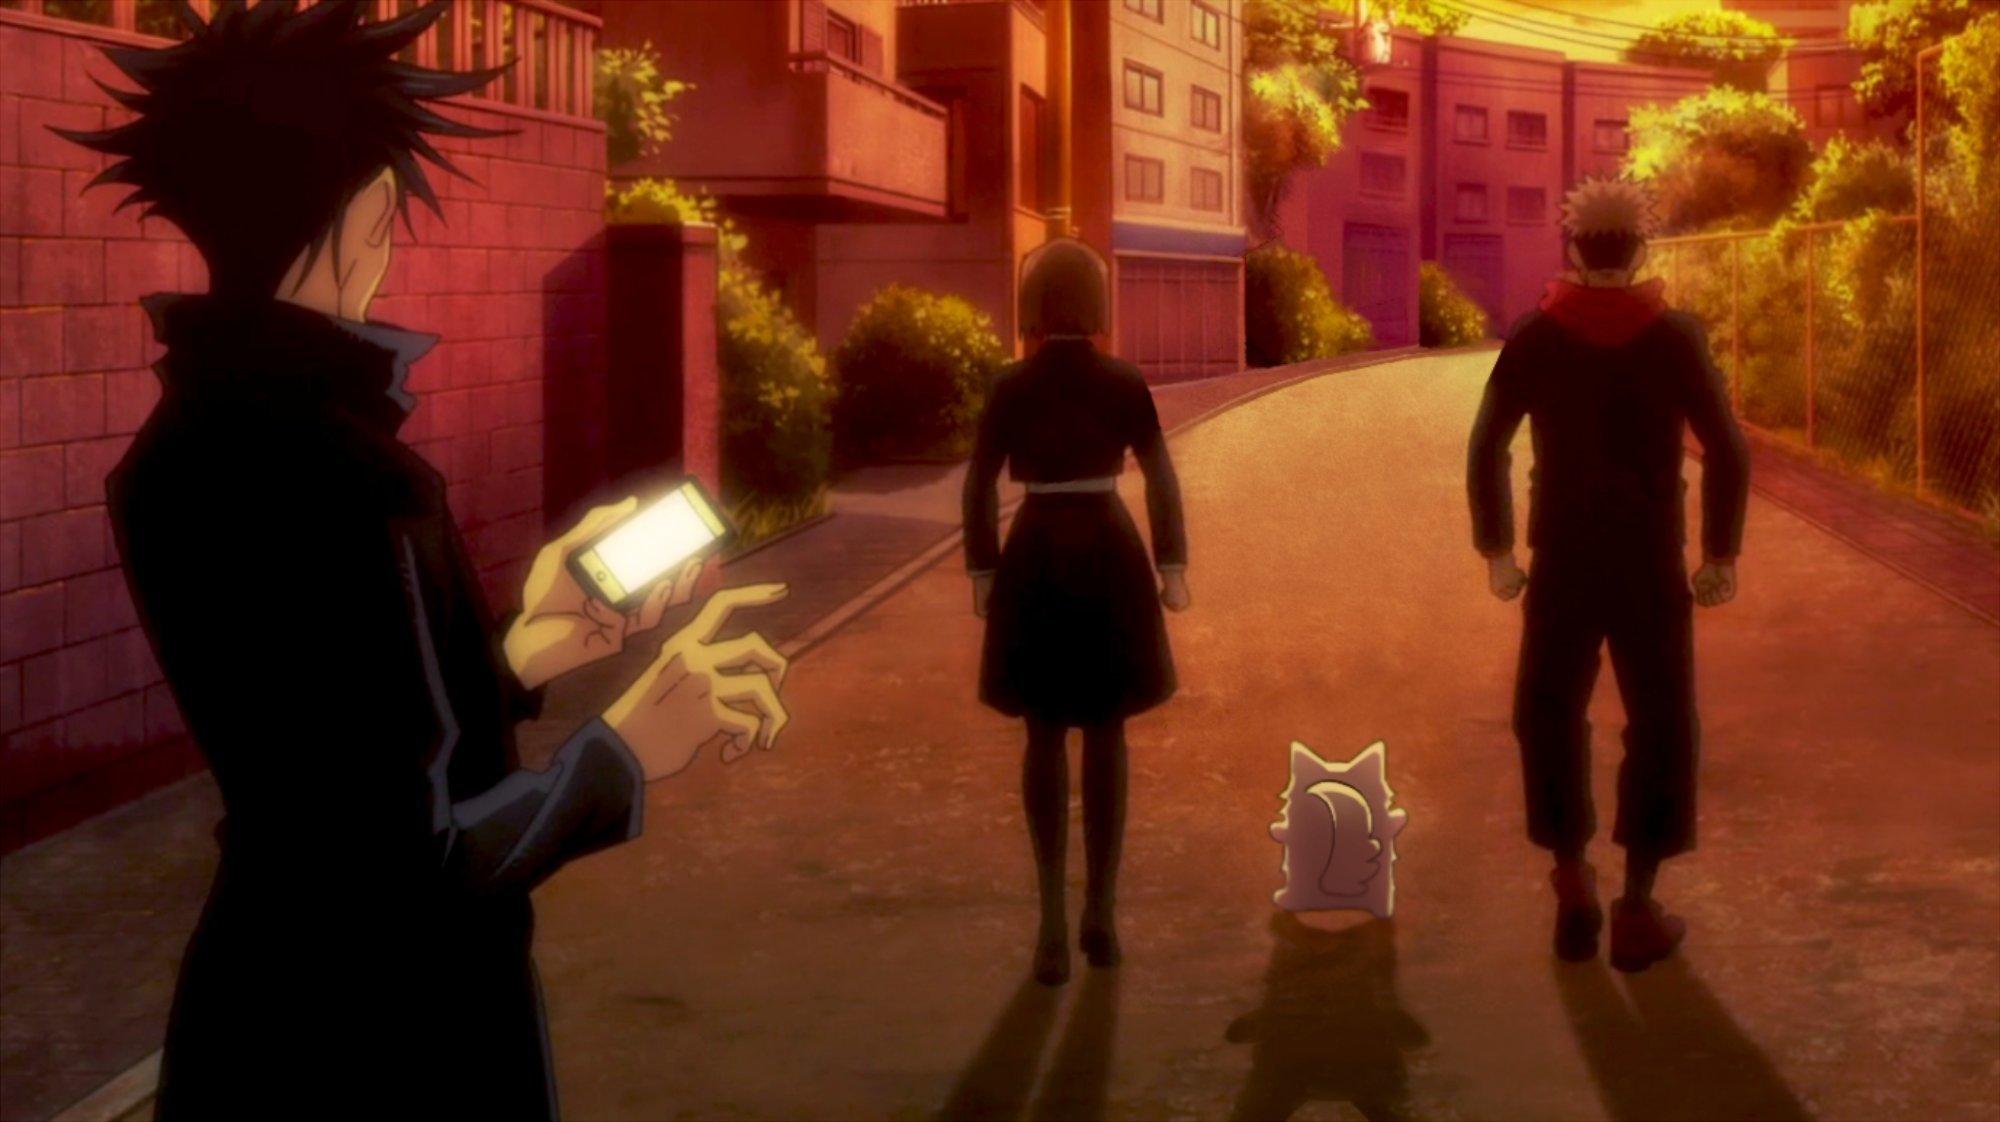 將五條悟畫成貓,毫無違和感?畫師自制《咒術回戰》名場面